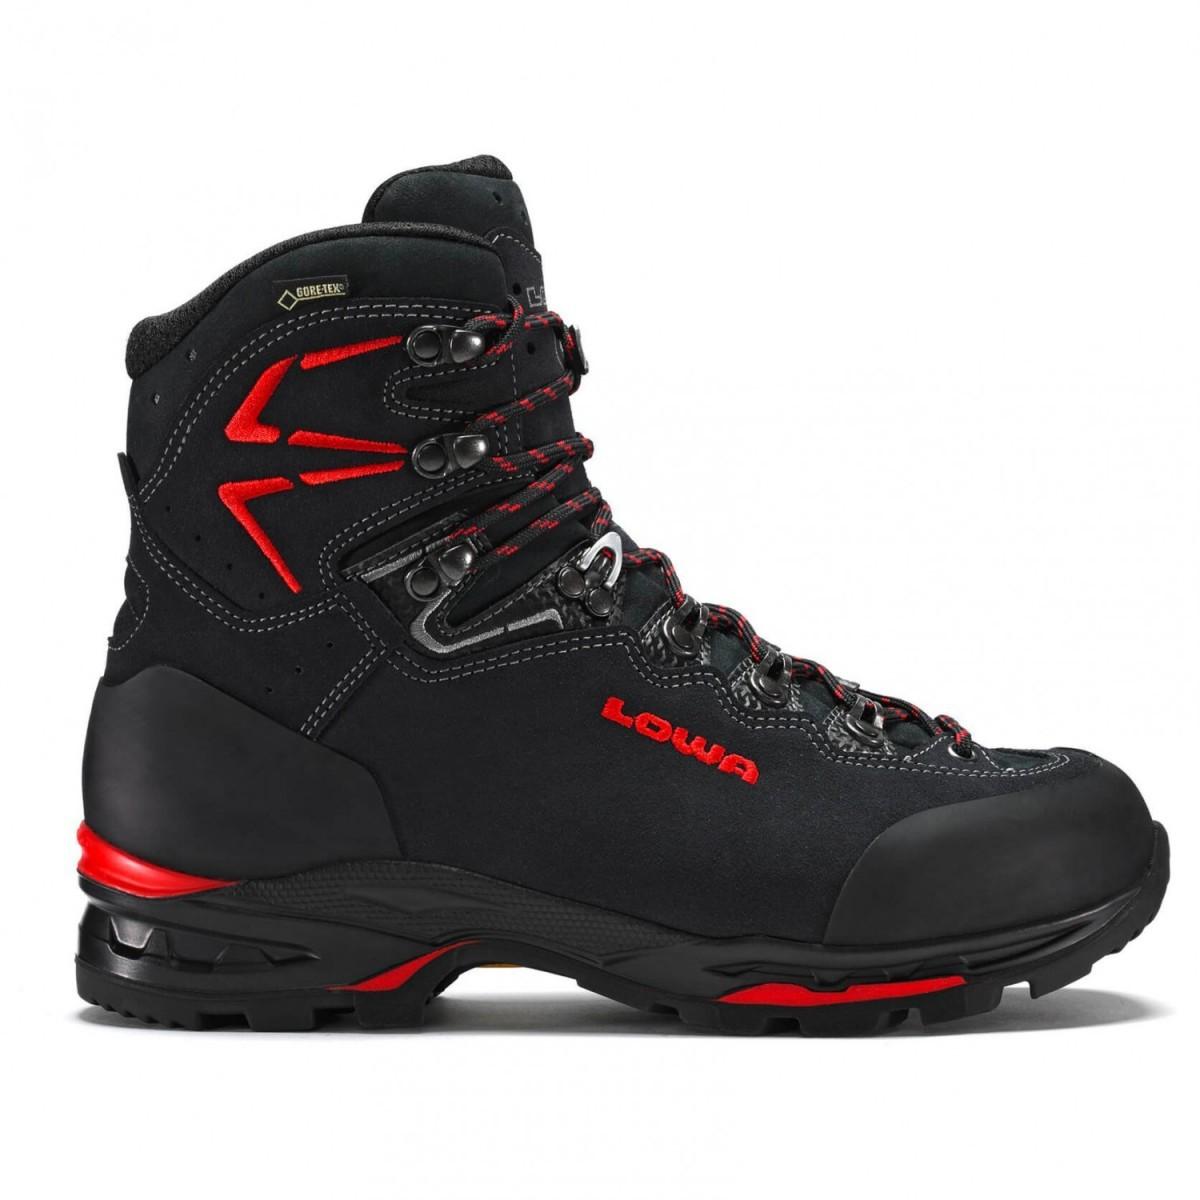 ローバー Ticam II GTX (Navy / Red)★登山靴・靴・登山・アウトドアシューズ・山歩き★